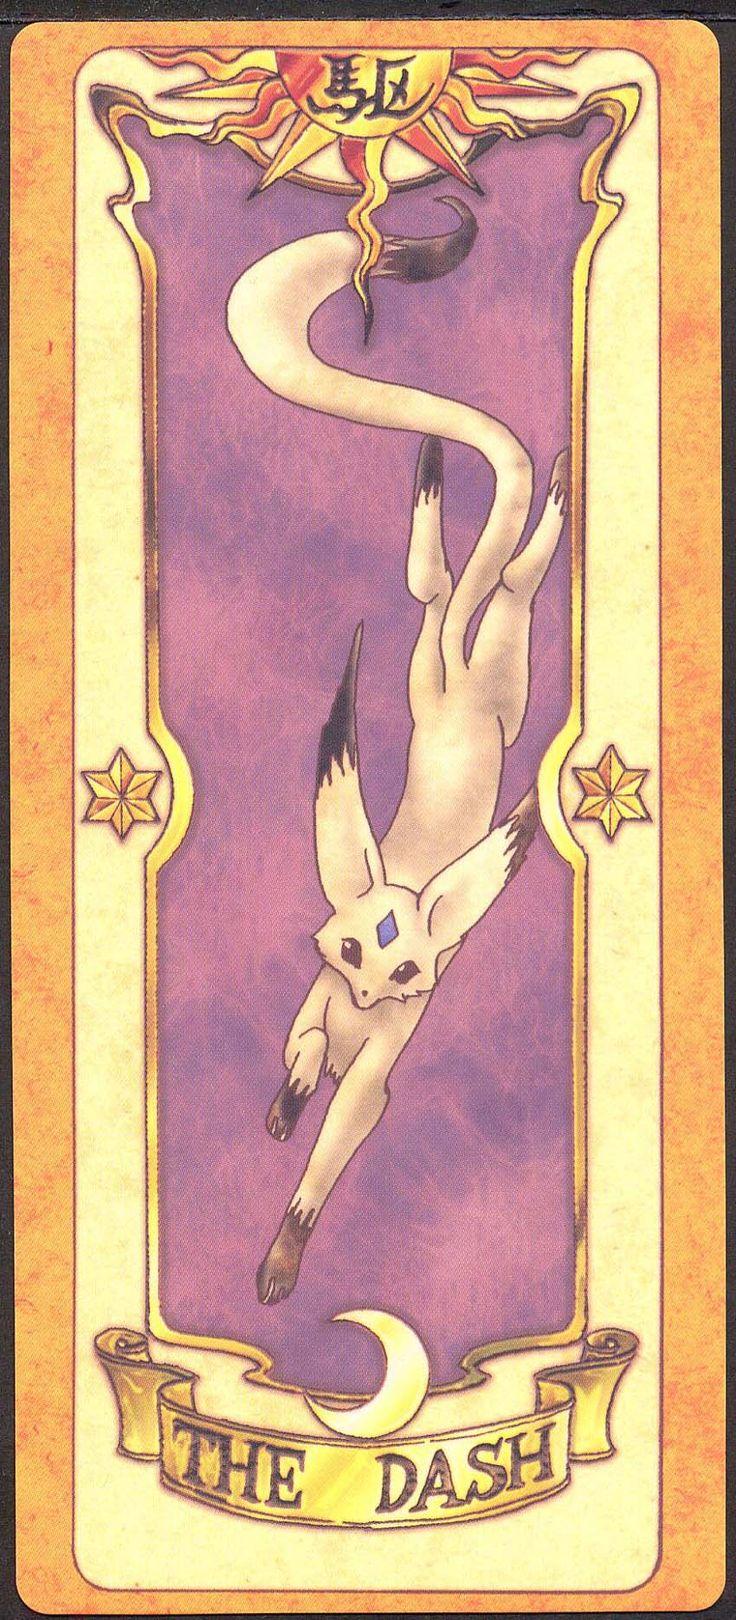 The Dash (Corrida) - A carta Corrida, obviamente, corre rápido. Entretanto, ela se cansa com facilidade. Ela tem a forma de um animal parecido com uma raposa.